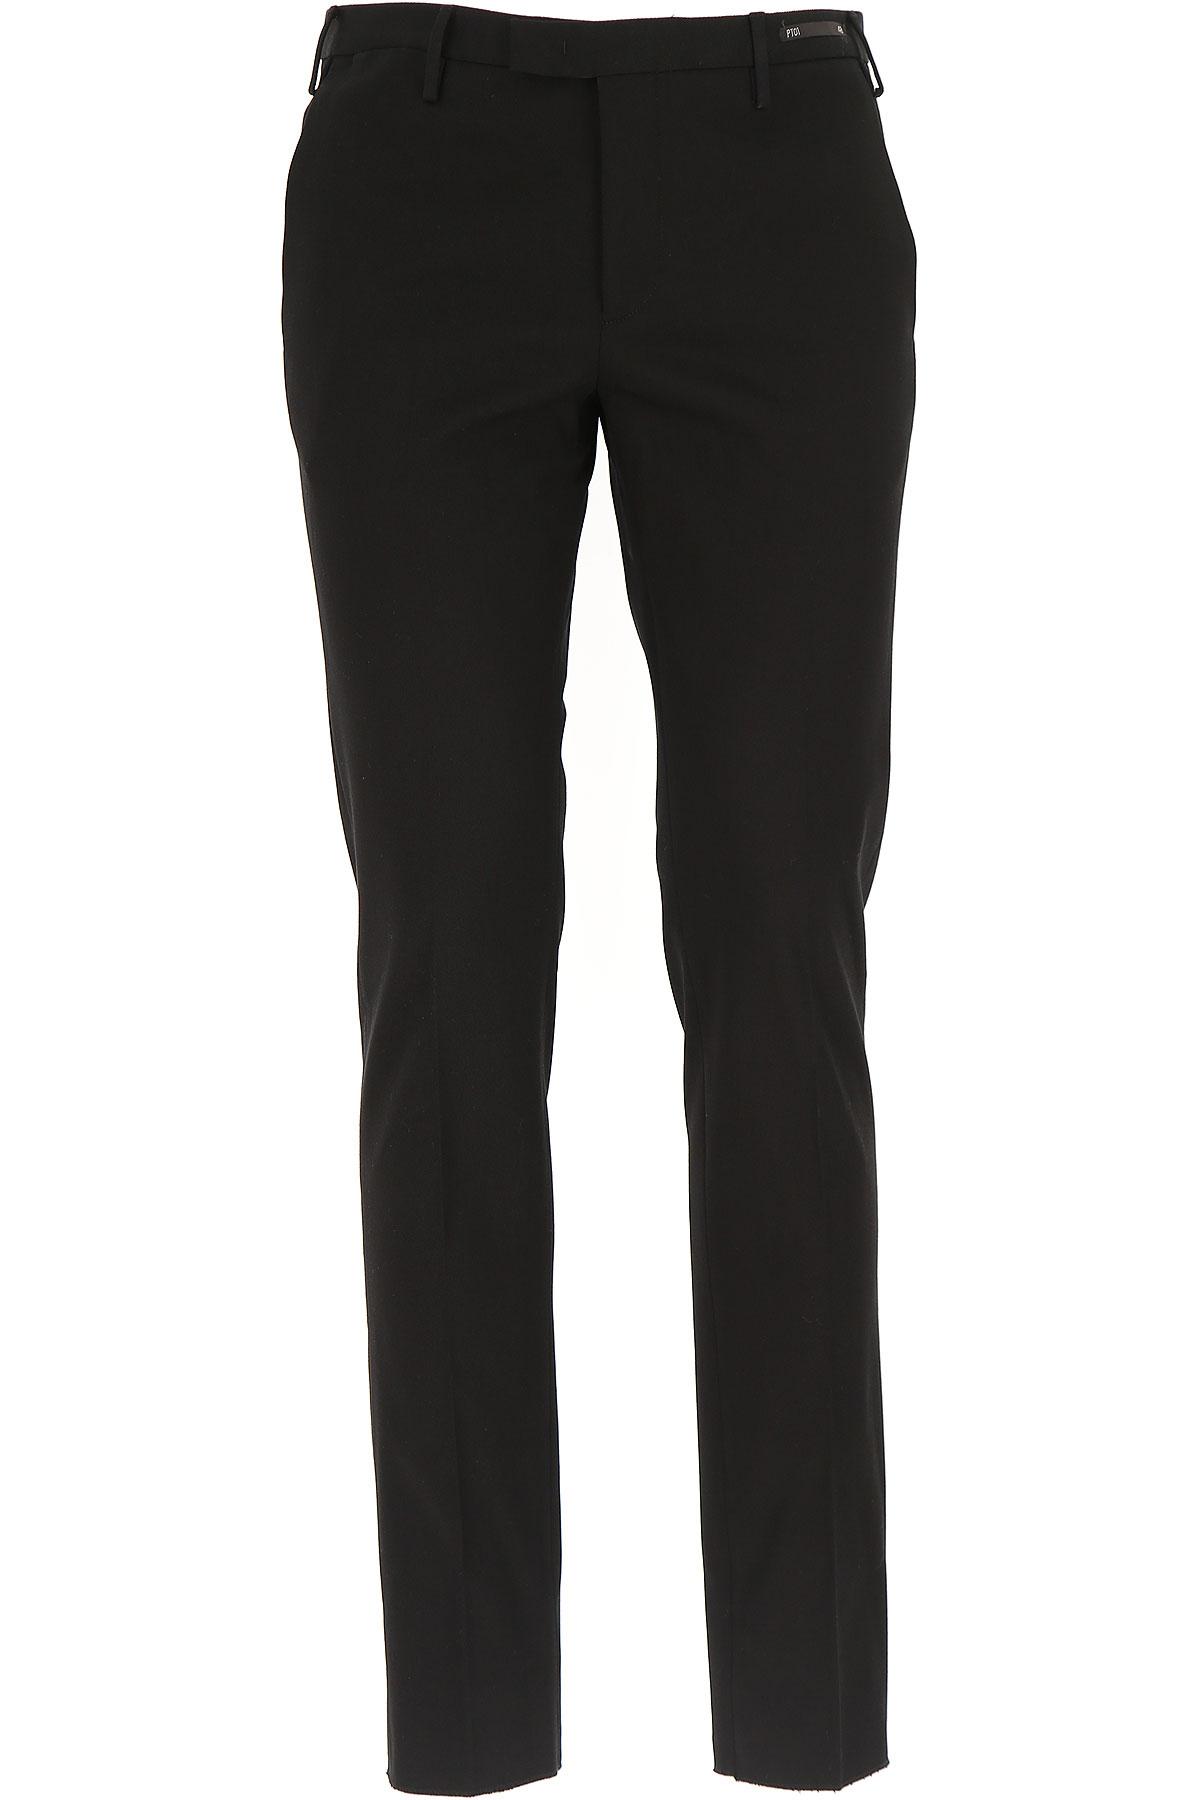 Image of PT01 Pants for Men, Black, Cotton, 2017, 30 31 32 33